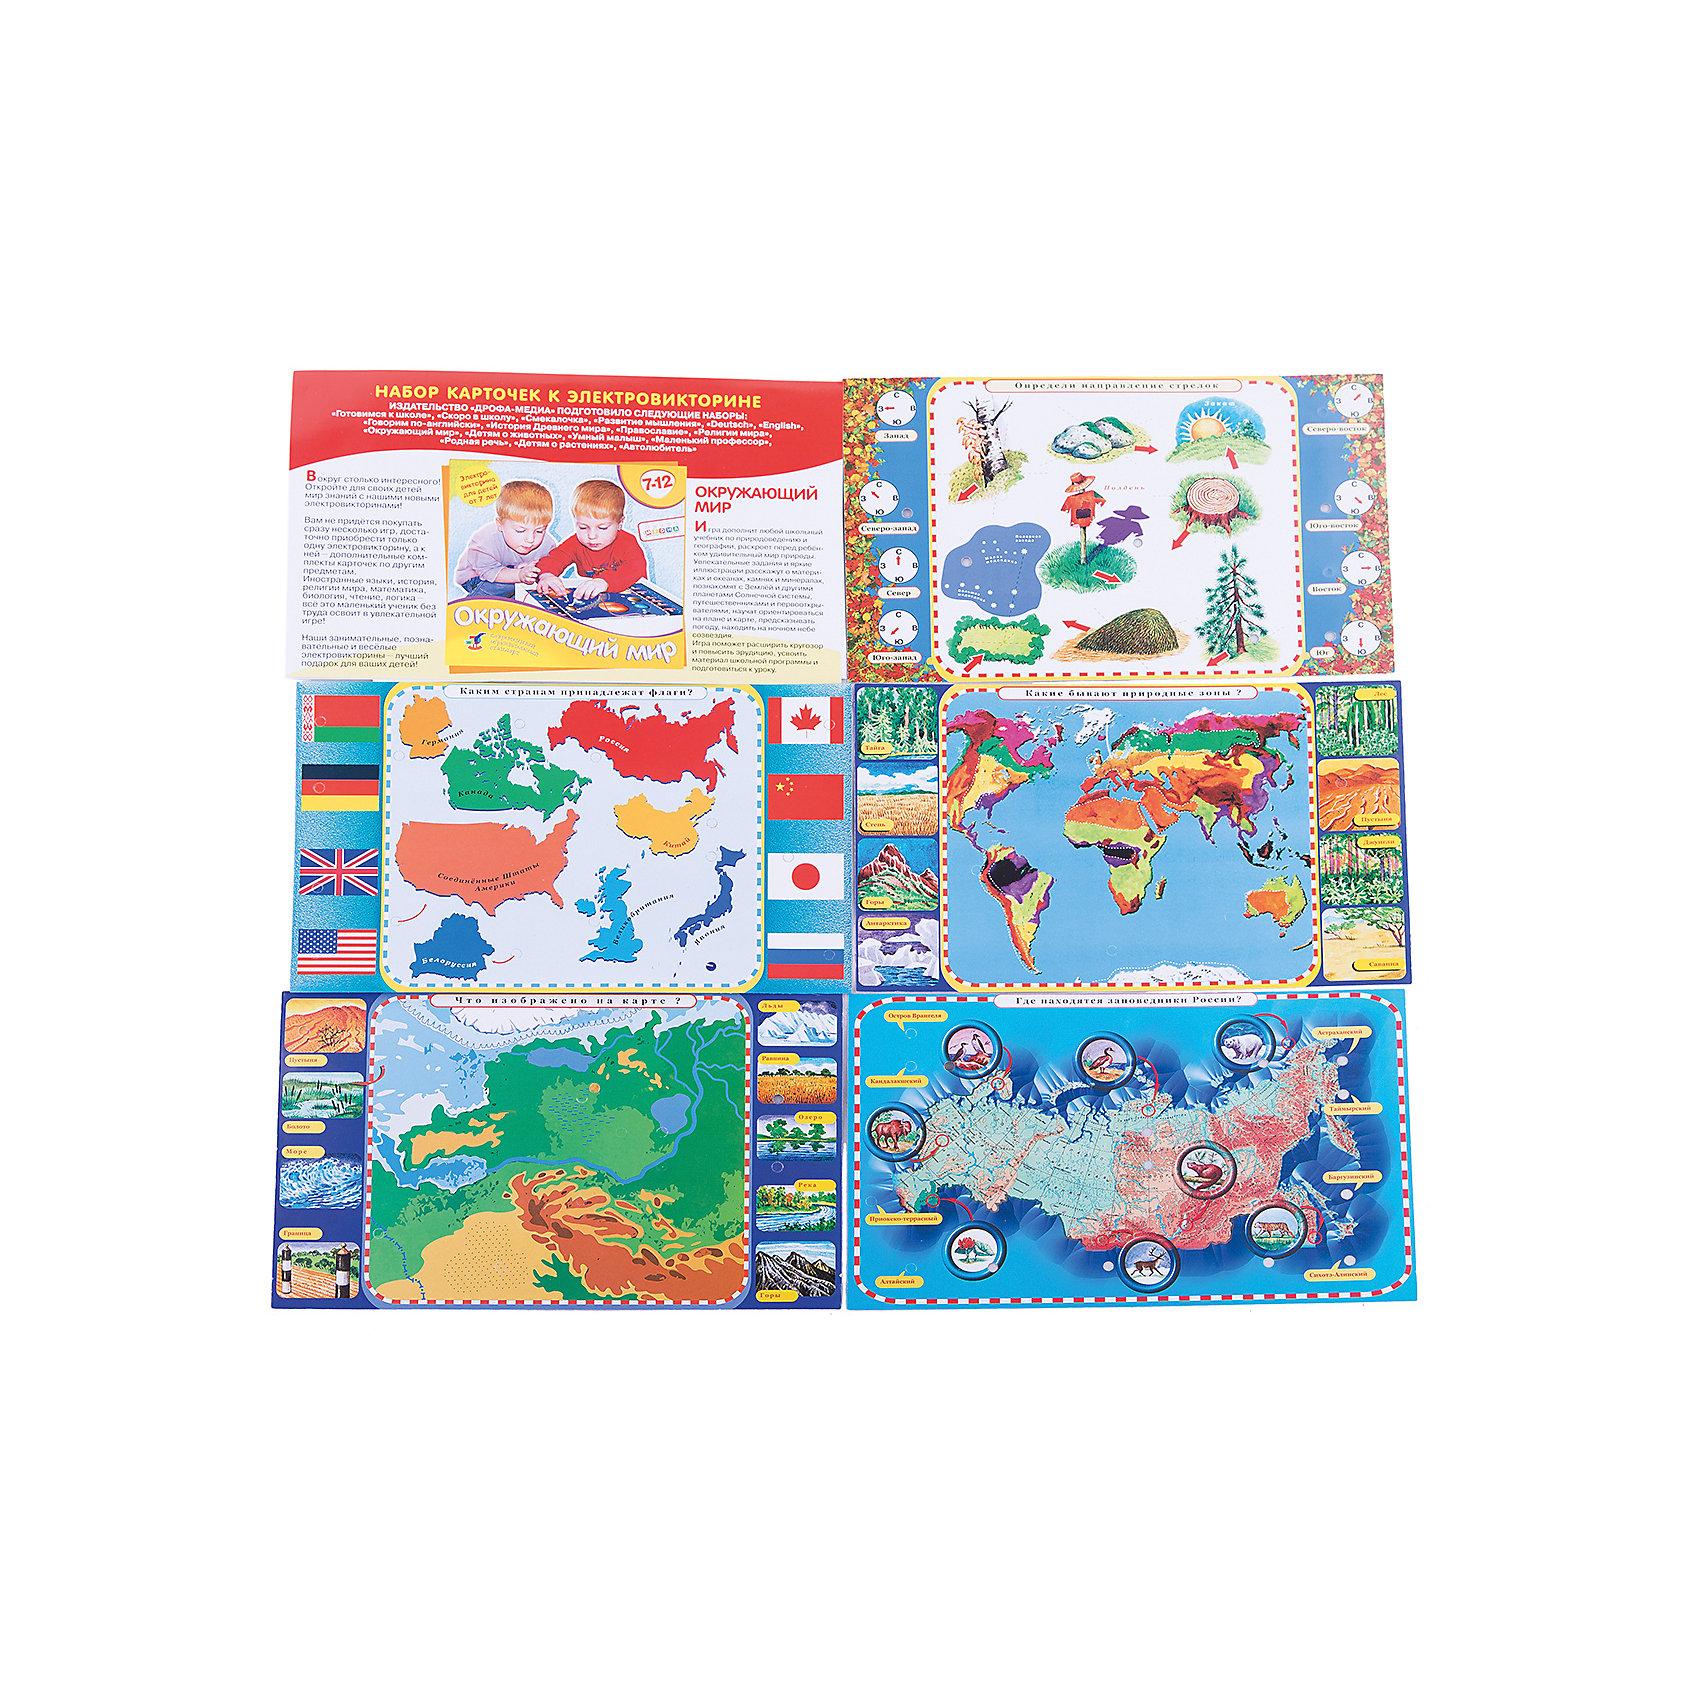 Набор карточек Окружающий мир, Дрофа-МедиаКарточные игры<br>Характеристики набора карточек Окружающий мир:<br><br>- возраст: от 7 до 12 лет<br>- пол: для мальчиков и девочек<br>- комплект: 20 карточек.<br>- количество предполагаемых игроков: 2-6.<br>- размер упаковки: 22 * 29 * 1 см.<br>- упаковка: пакет с хедером.<br>- материал: бумага.<br>- размер карточек: 17 * 27.5 см.<br>- бренд: Дрофа-Медиа<br>- страна обладатель бренда: Россия.<br><br>Набор карточек для электровикторины Окружающий мир от торговой марки Дрофа-Медиа поможет познакомить ребенка с животными, растениями и различными природными явлениями в веселой игровой форме. Набор состоит из 10 двусторонних карточек, на каждой из которых размещены 7-9 пар вопросов и ответов к ним. Такой набор для эелектровикторины поможет подтянуть знания ребенка по теме Окружающий мир.<br><br>Набор карточек Окружающий мир издательства Дрофа-Медиа можно купить в нашем интернет-магазине.<br><br>Ширина мм: 280<br>Глубина мм: 3<br>Высота мм: 170<br>Вес г: 130<br>Возраст от месяцев: 84<br>Возраст до месяцев: 2147483647<br>Пол: Унисекс<br>Возраст: Детский<br>SKU: 5386291